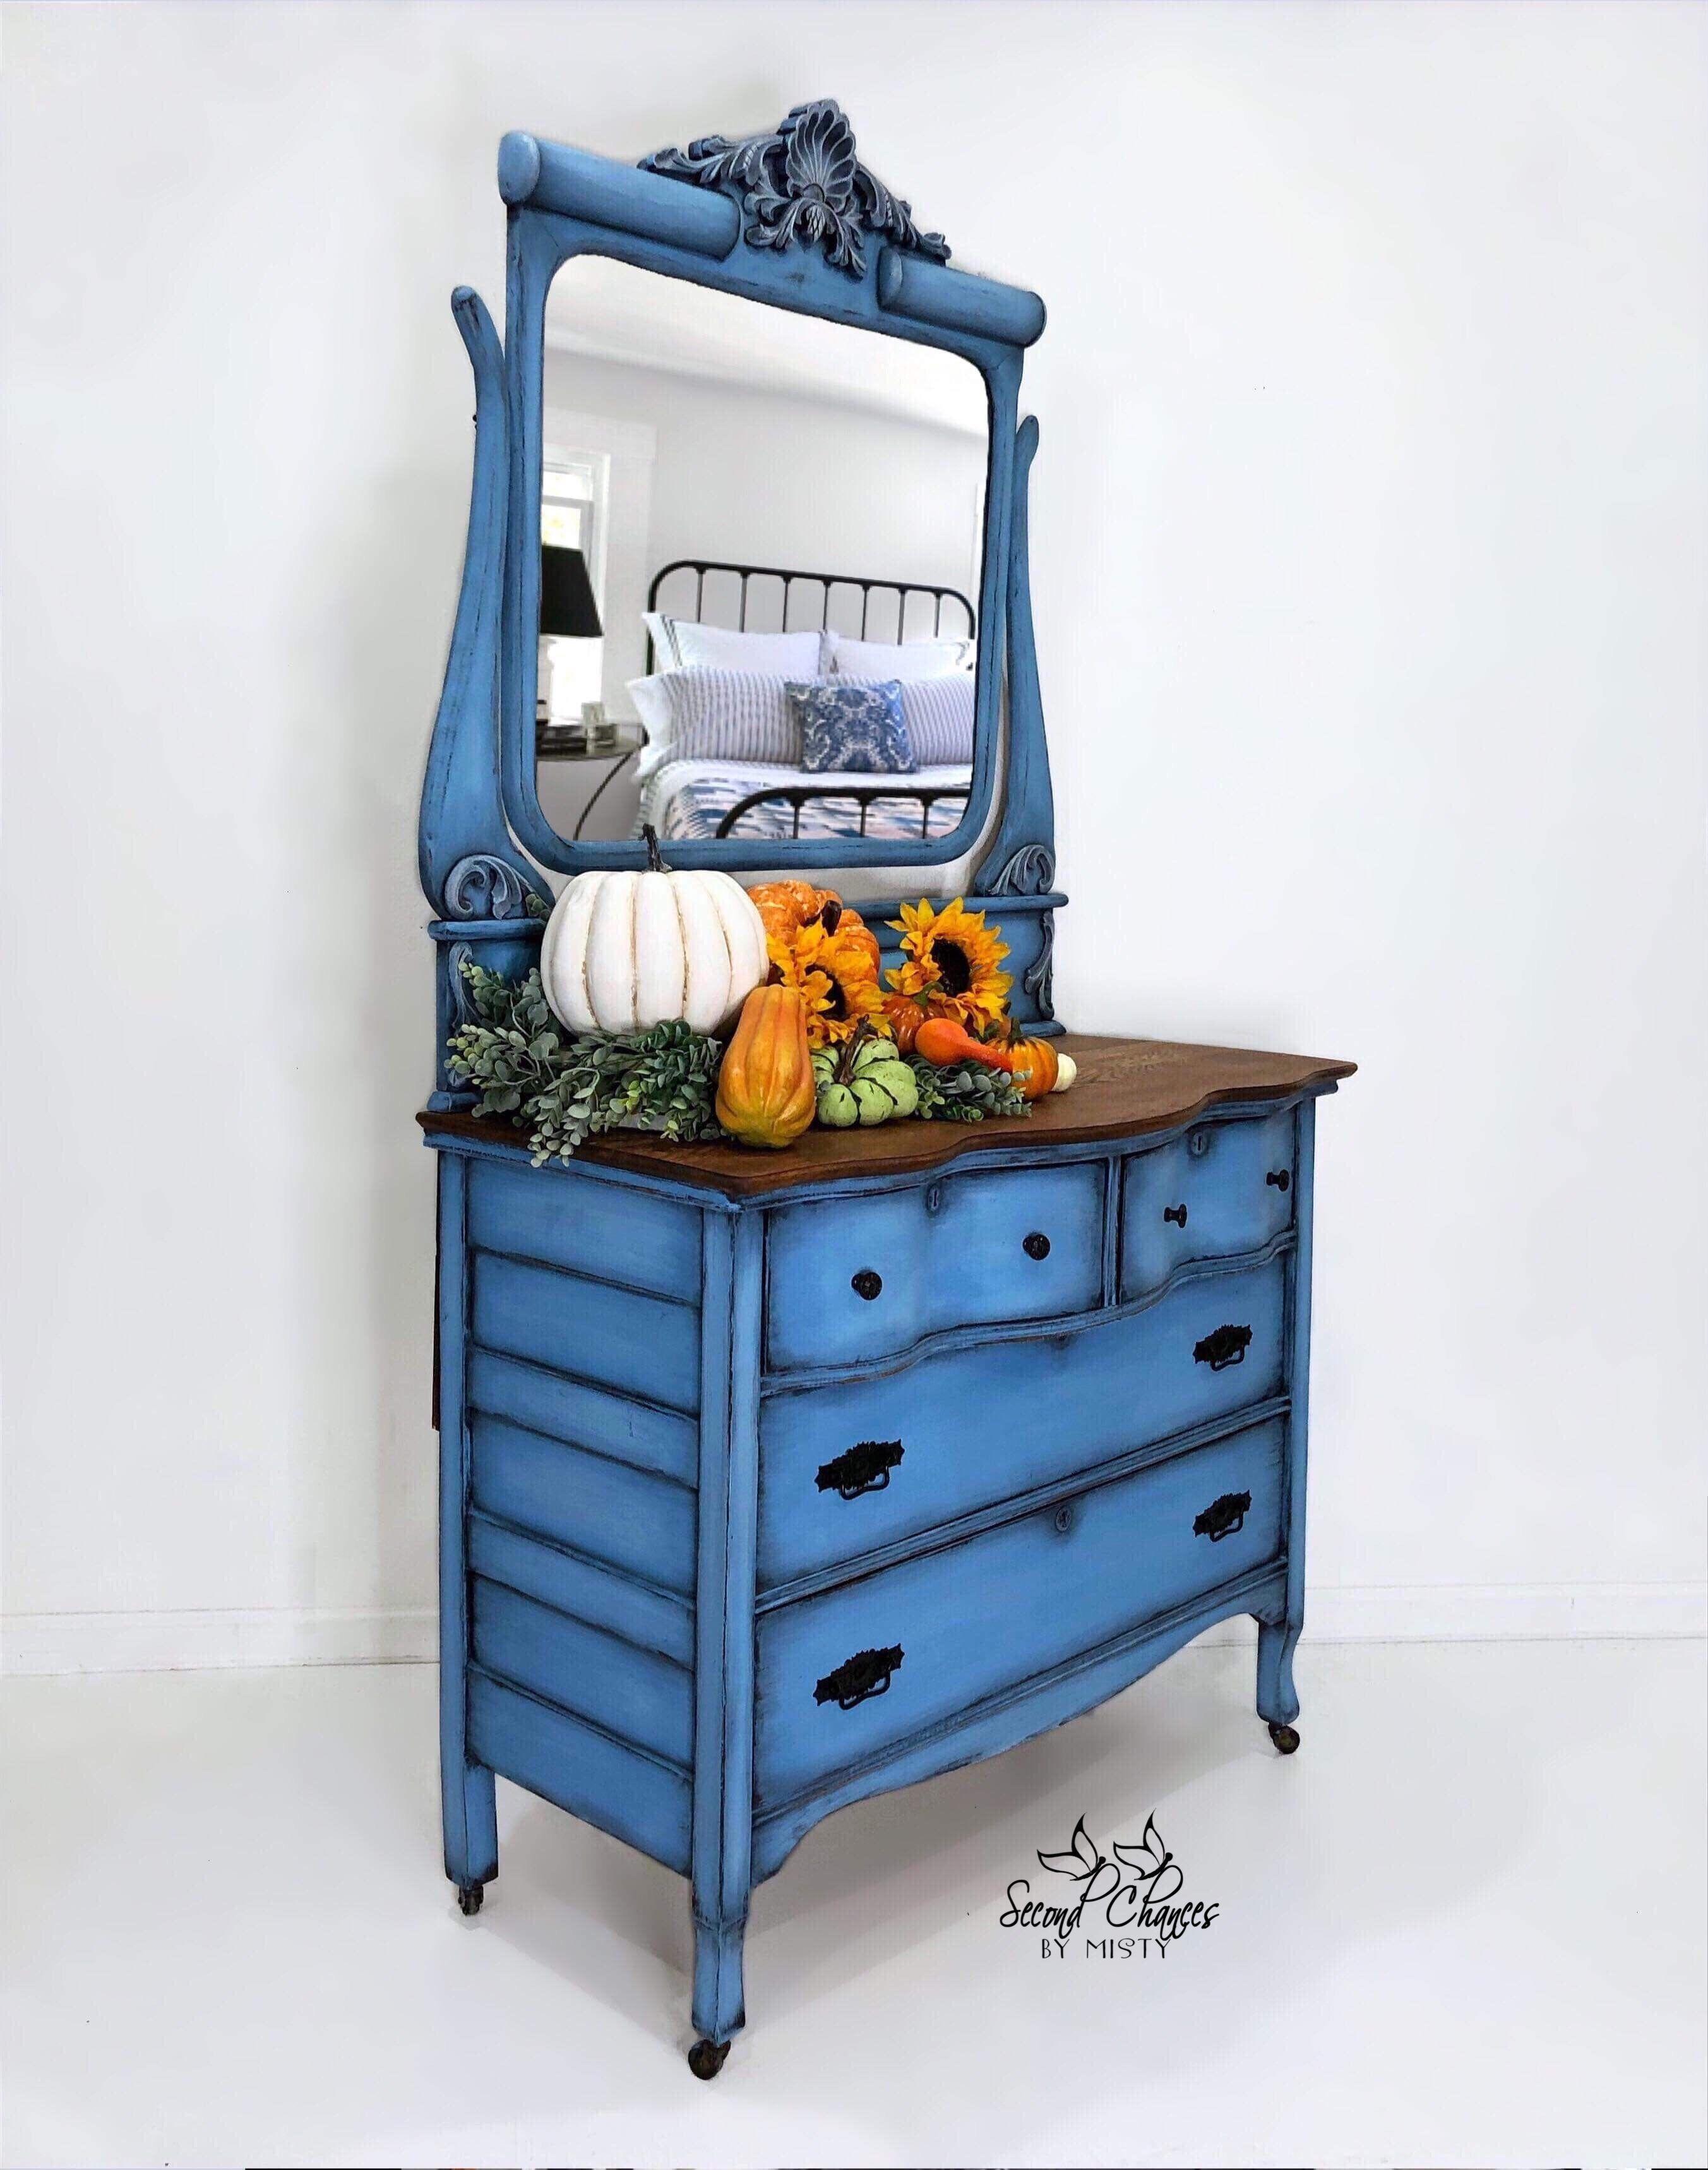 Vintage Dresser Hand Painted Blue Vintage Dressers Furniture Blog Blue Painted Furniture [ 3436 x 2705 Pixel ]